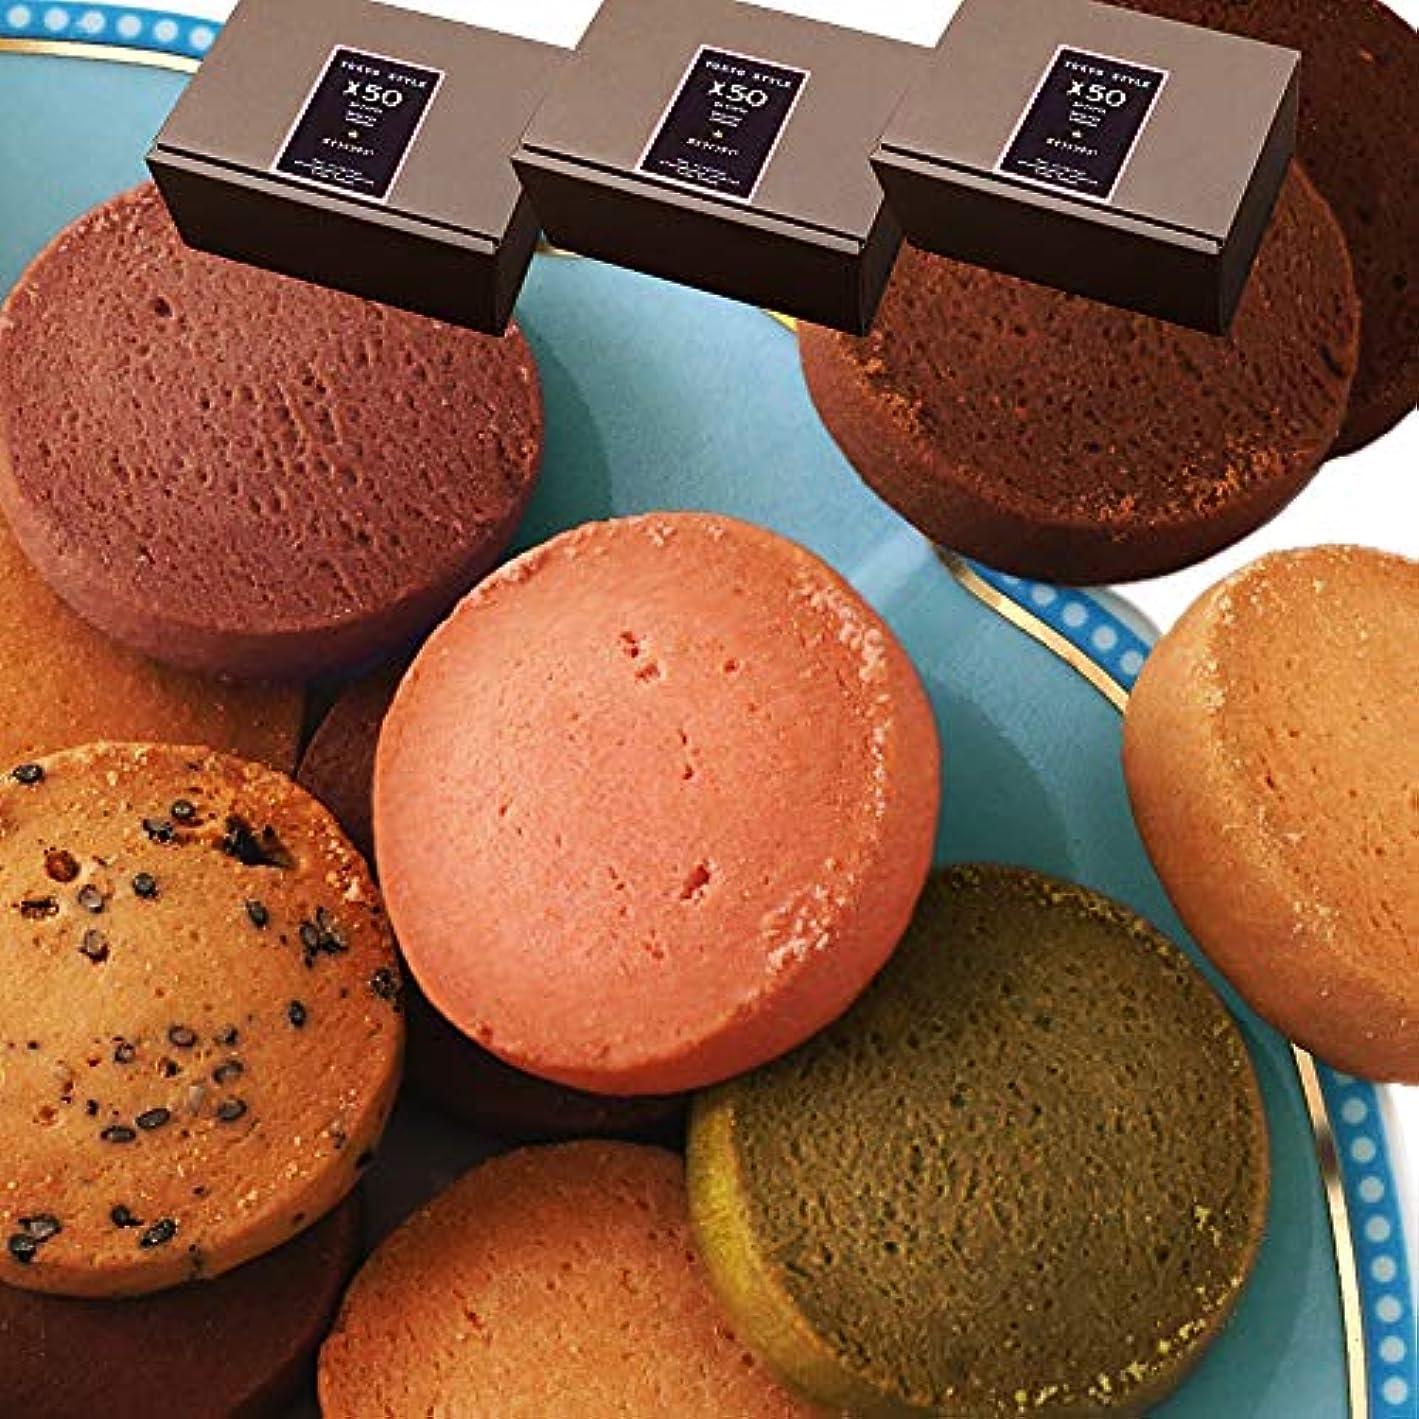 ドック炭素手がかり【ダイエット 1食分の個包装】豆乳おからマンナンクッキー TOKYO 洋菓子店のテイスト 18食(6種×3袋)×3箱おまとめ